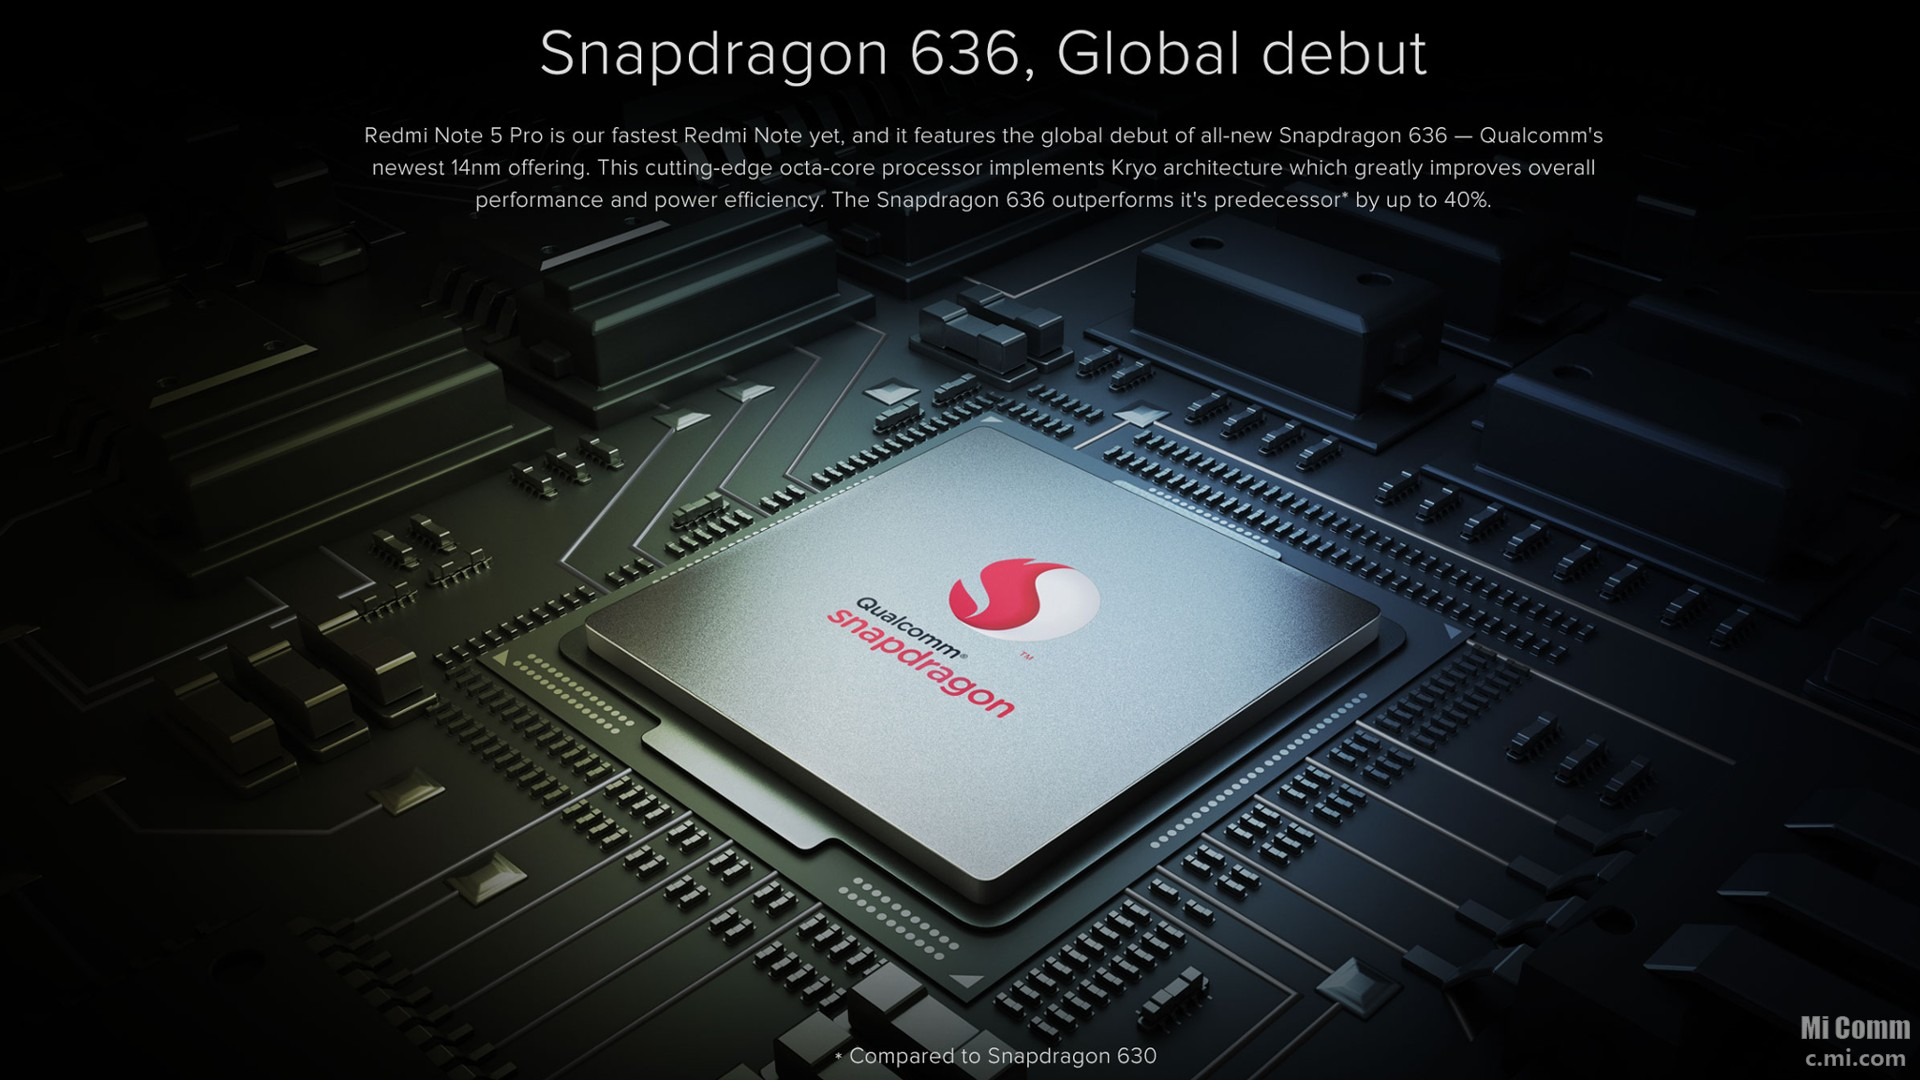 Snapdragon 636 Redmi Note 5 Pro